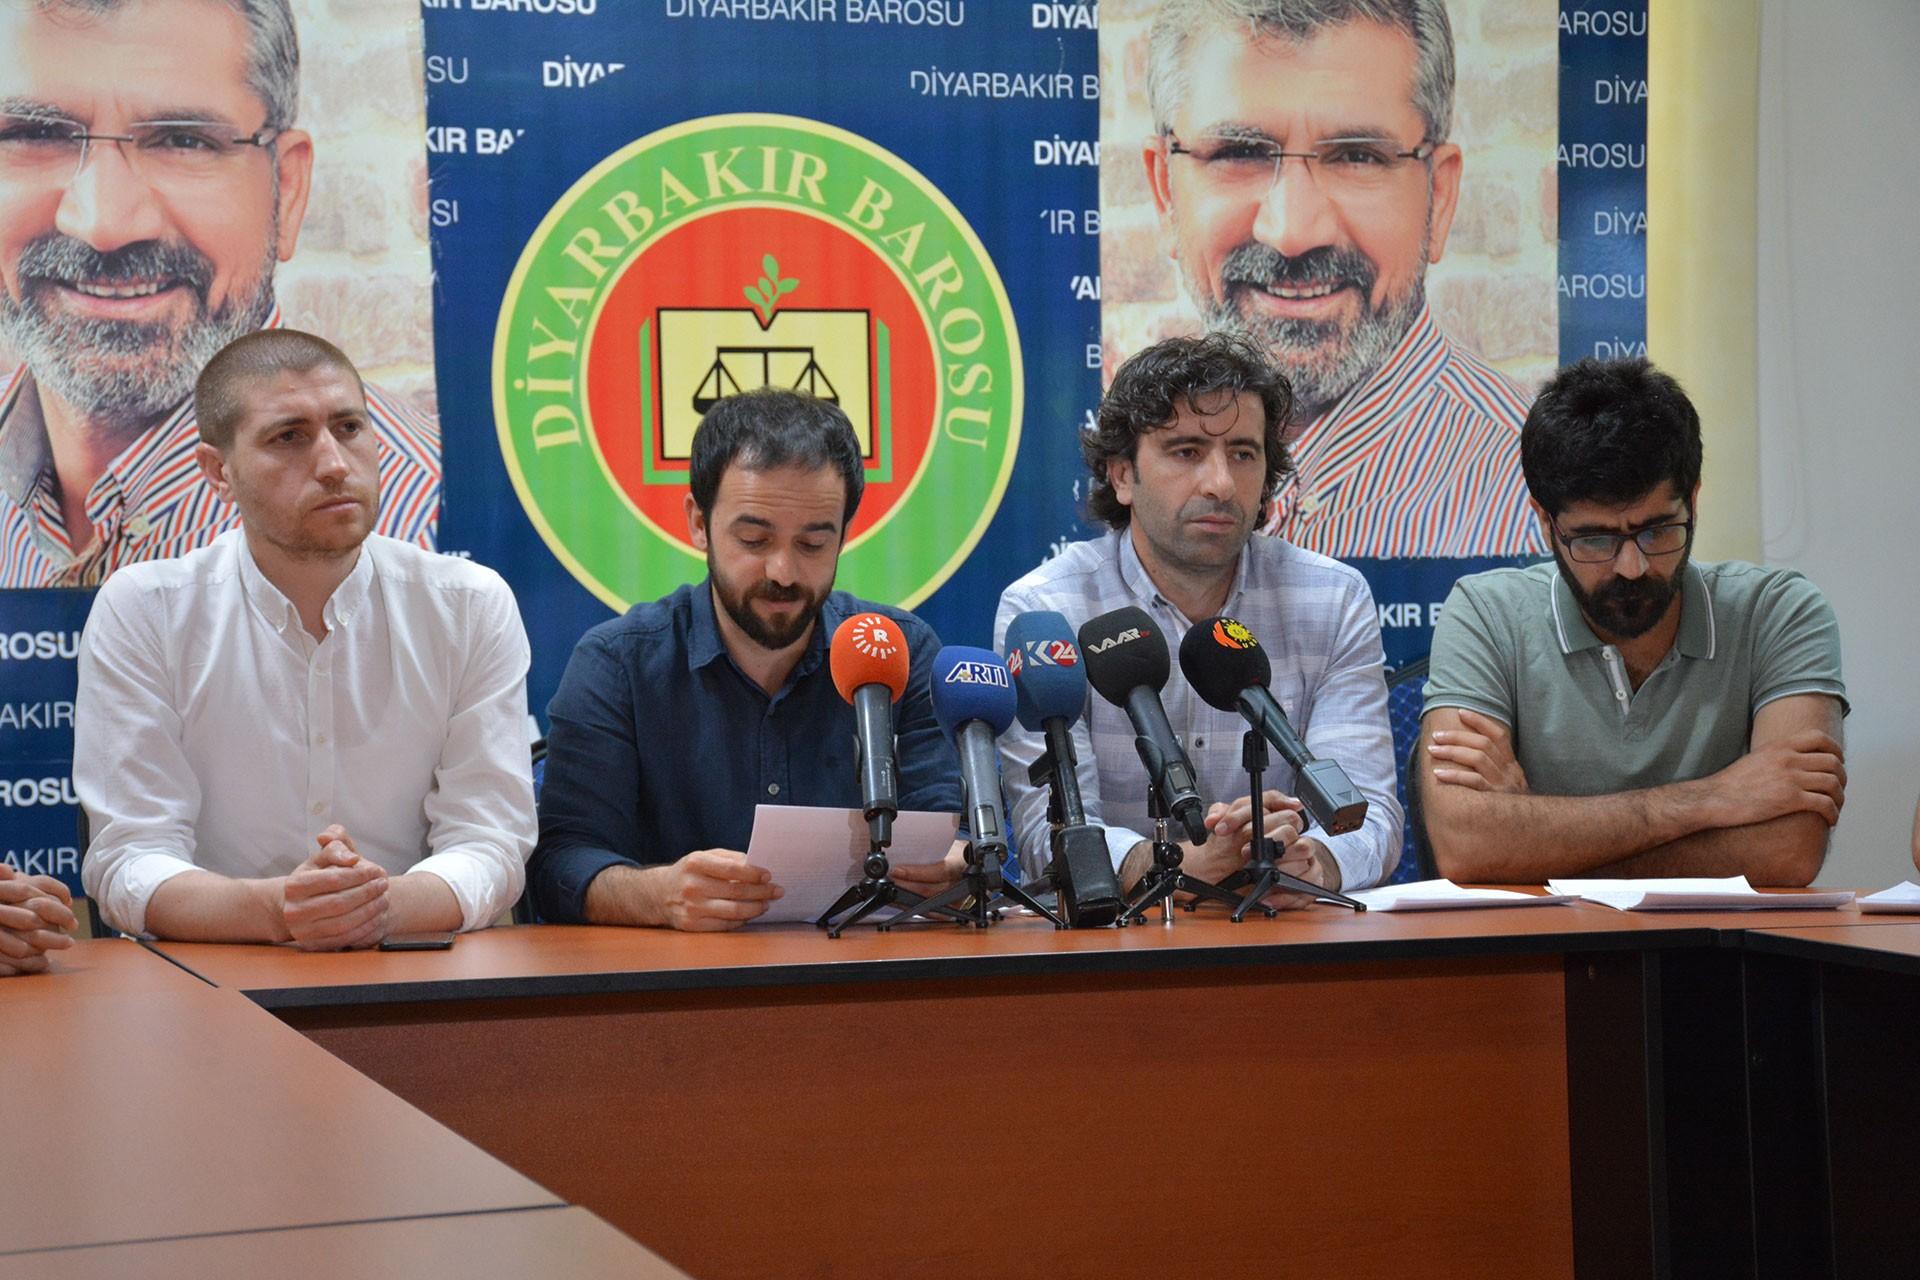 Diyarbakır Tabip Odası ve SES: Açlık grevcileri uygun koşullarda tedavi edilsin